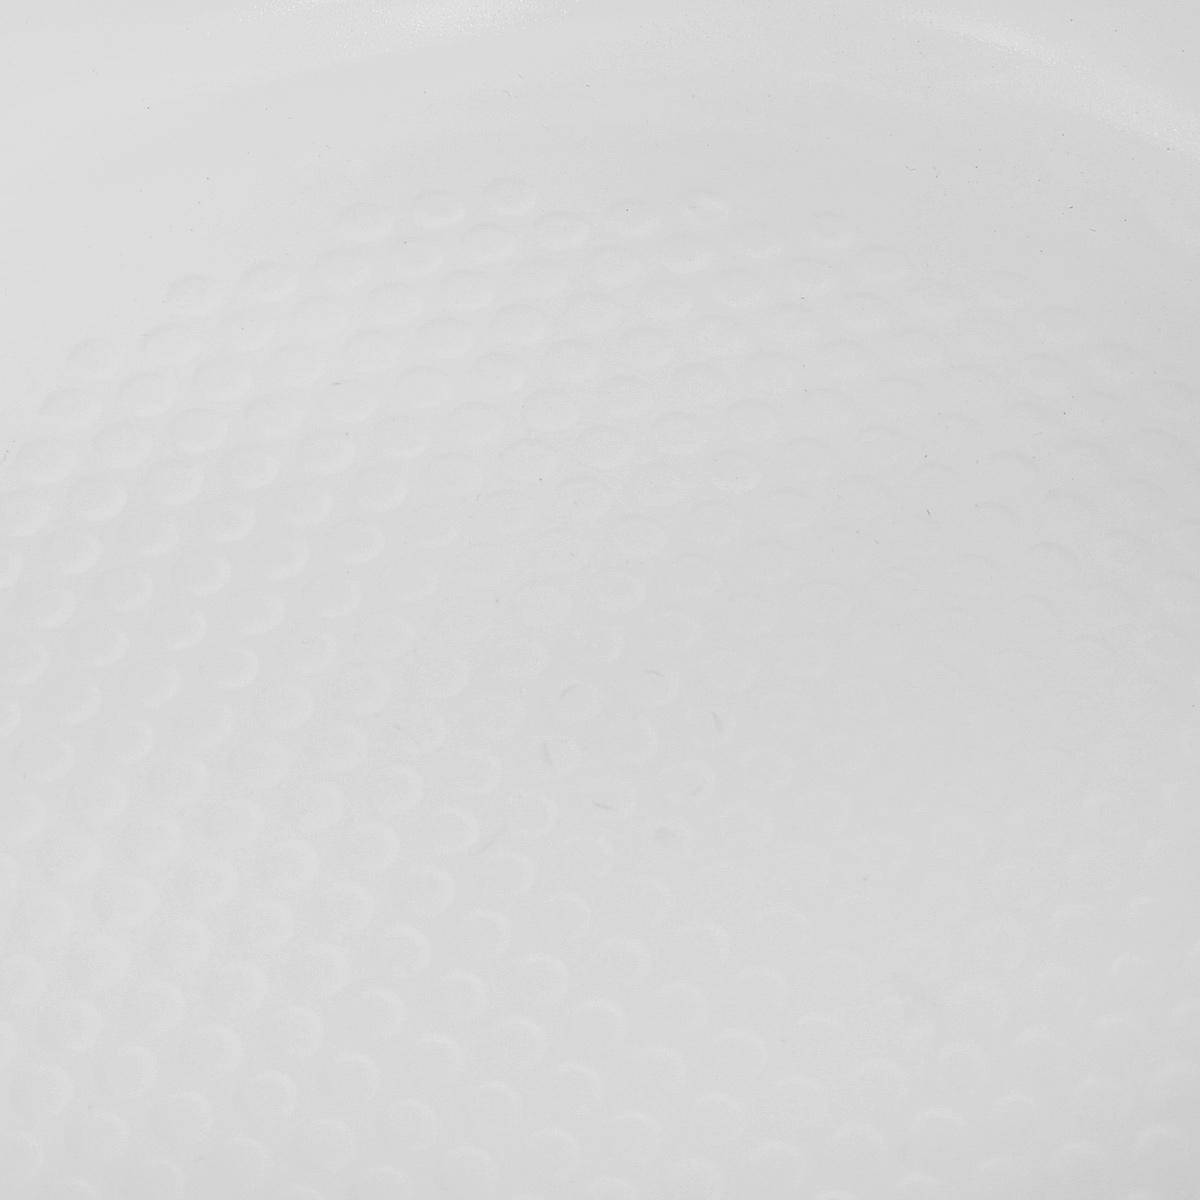 """Сковорода """"Bohmann"""" изготовлена из литого алюминия с антипригарным керамическим покрытием белого цвета. Внешнее покрытие - жаростойкий лак, который сохраняет цвет долгое время. Благодаря керамическому покрытию пища не пригорает и не прилипает к поверхности сковороды, что позволяет готовить с минимальным количеством масла. Кроме того, такое покрытие абсолютно безопасно для здоровья человека, так как не содержит вредной примеси PFOA. Рифленая внутренняя поверхность сковороды обеспечивает быстрое и легкое приготовление.  Достоинства керамического покрытия:  - устойчивость к высоким температурам и резким перепадам температур,  - устойчивость к царапающим кухонным принадлежностям и абразивным моющим средствам,  - устойчивость к коррозии,  - водоотталкивающий эффект,  - покрытие способствует испарению воды во время готовки,  - длительный срок службы,  - безопасность для окружающей среды и человека.  Сковорода быстро разогревается, распределяя тепло по всей поверхности, что позволяет готовить в энергосберегающем режиме, значительно сокращая время, проведенное у плиты.  Сковорода оснащена ручкой, выполненной из бакелита с термостойким силиконовым покрытием. Такая ручка не нагревается в процессе готовки и обеспечивает надежный хват. Крышка изготовлена из жаропрочного стекла, оснащена ручкой, отверстием для выпуска пара и металлическим ободом. Благодаря такой крышке можно следить за приготовлением пищи без потери тепла.  Подходит для всех типов плит, включая индукционные. Подходит для чистки в посудомоечной машине."""